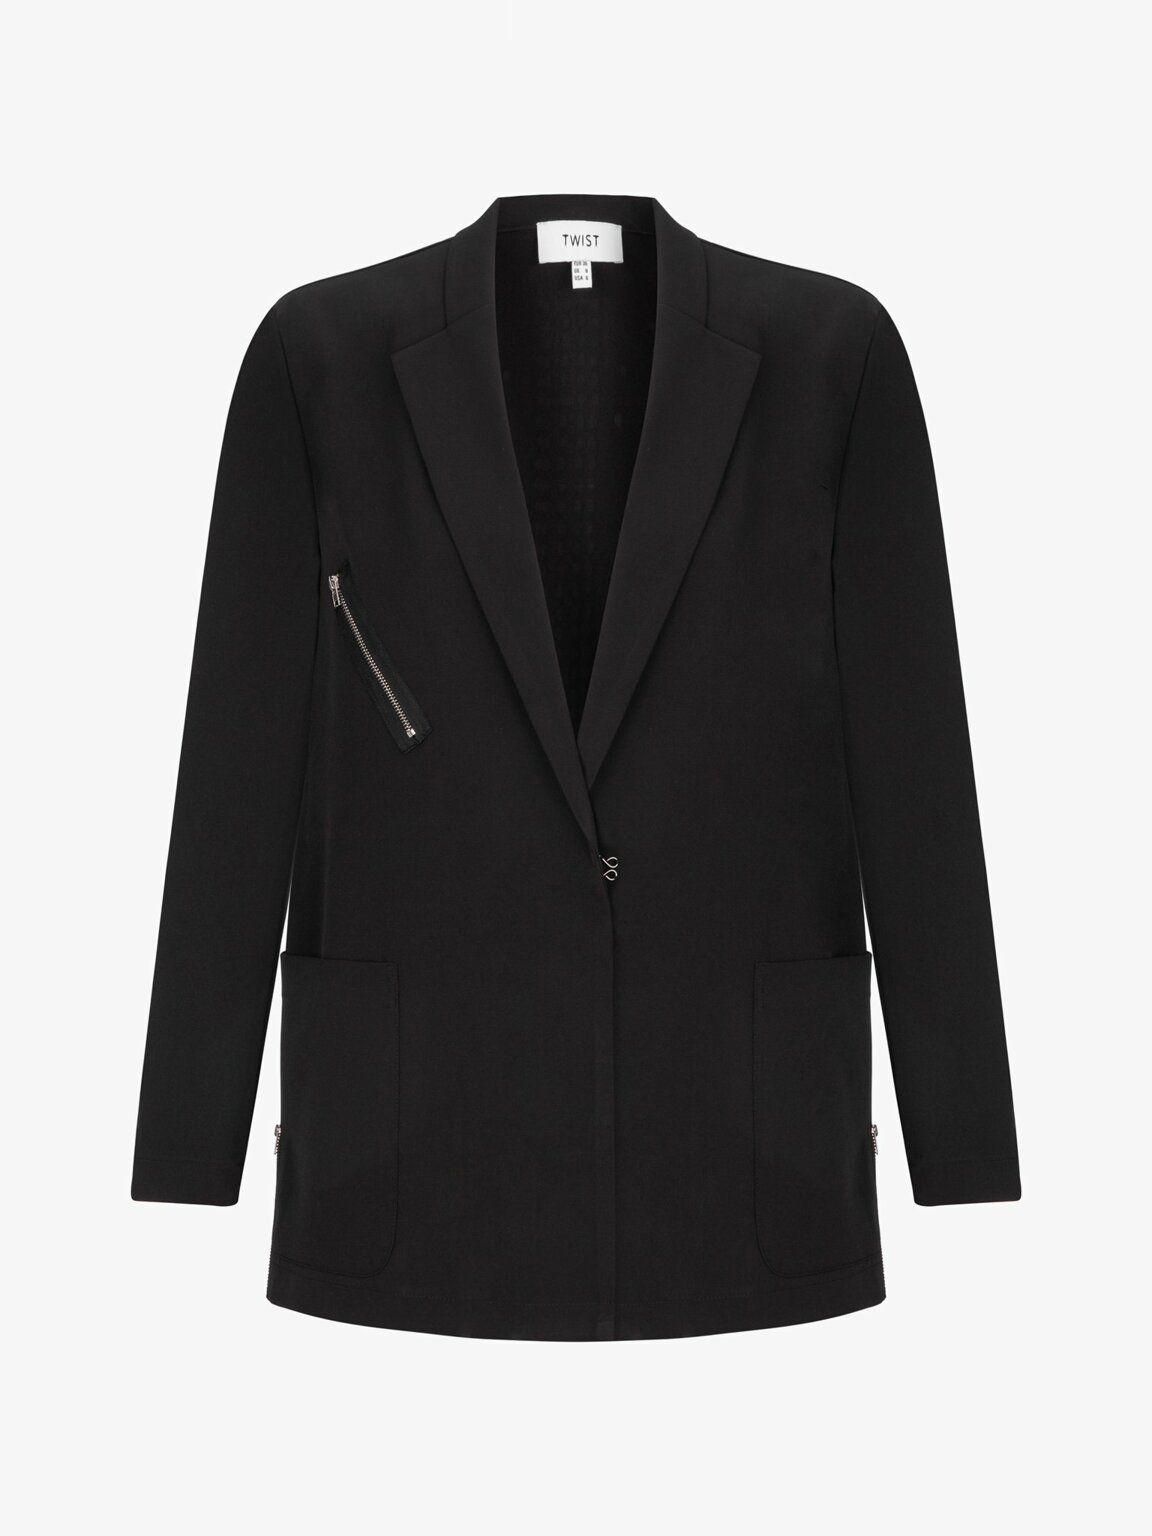 Siyah Arkasi Yildiz Form Tas Baskili Ceket Tw6190005035001 Twist 2020 Moda Stilleri Kot Ceket Kadin Ceketleri